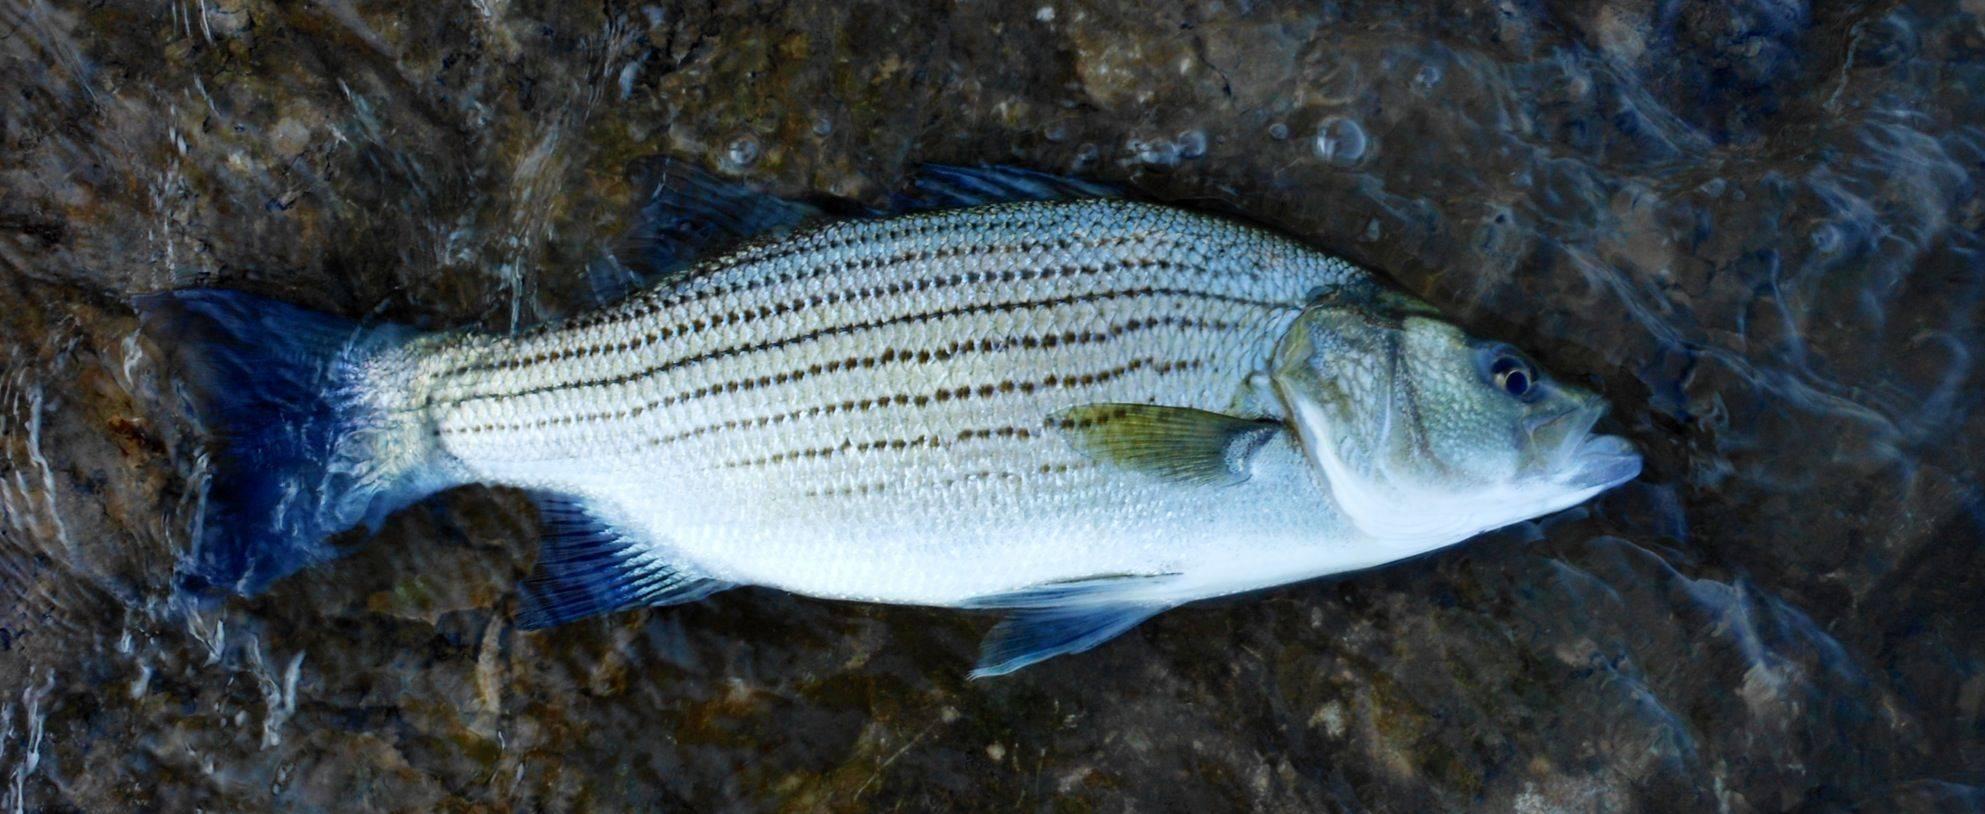 Полосатые аквариумные рыбки: фото с названиями и описанием